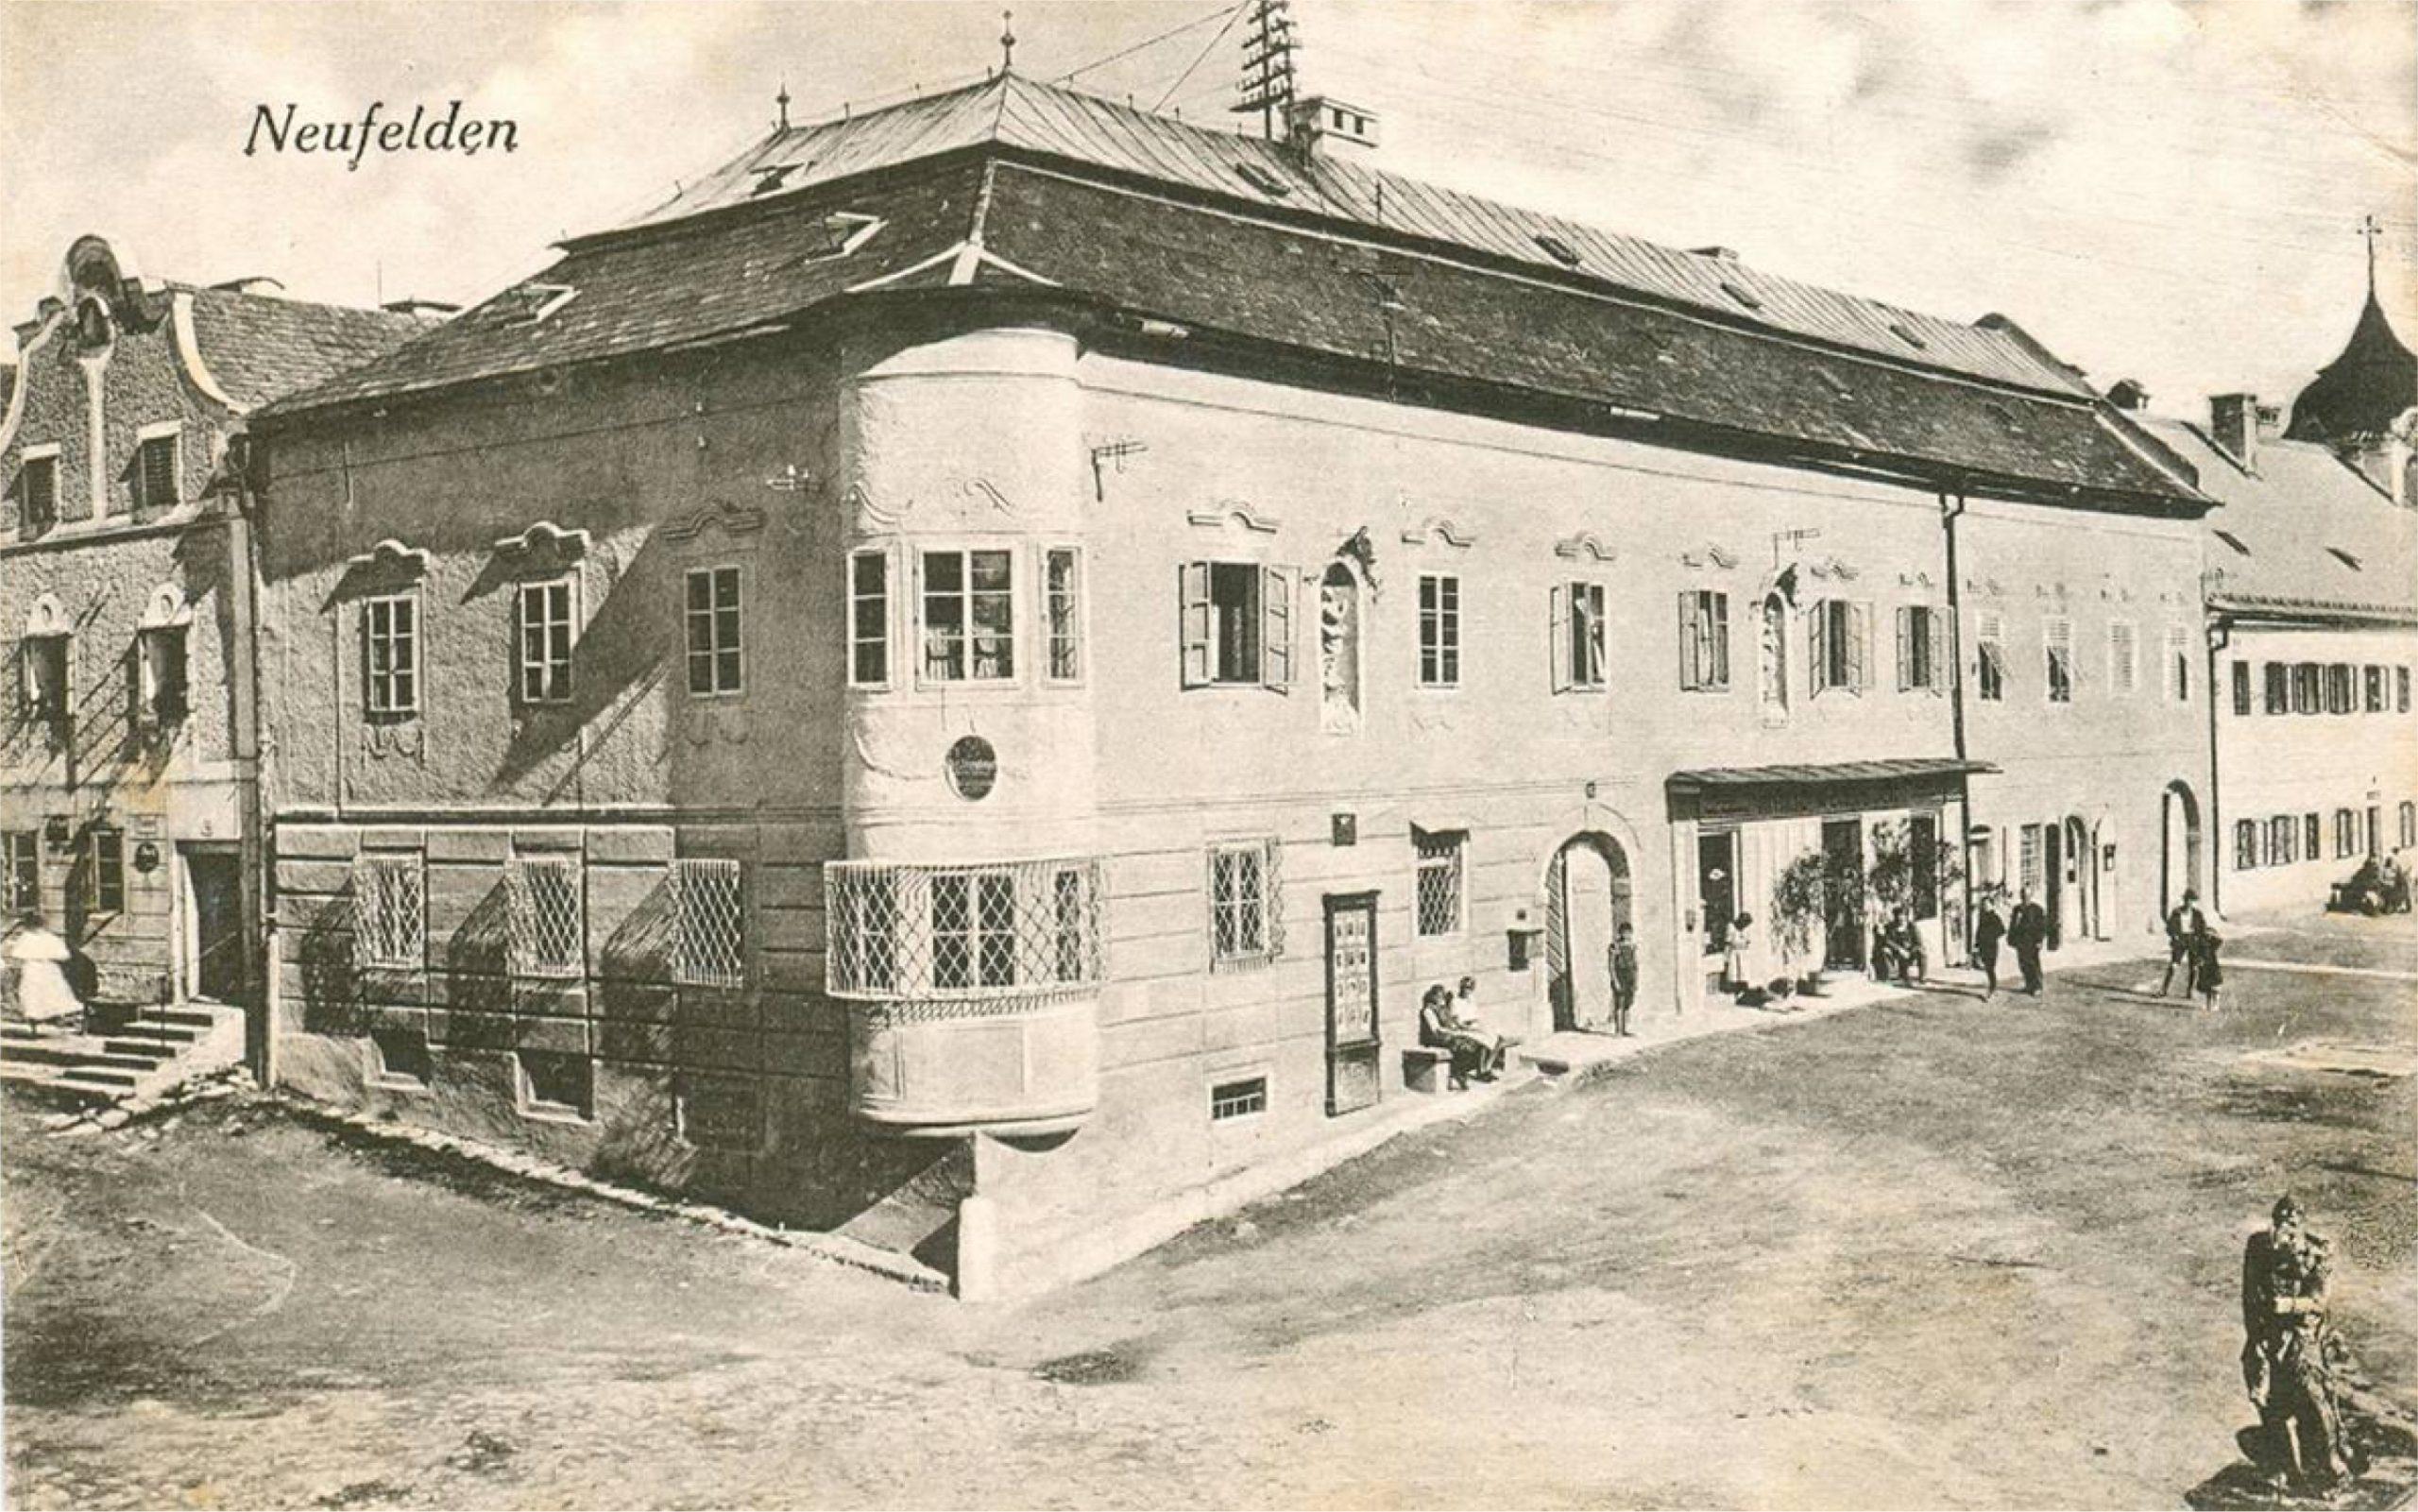 Marktplatzerl Geschichte des Hauses Neufelden Quelle Topothek Neufelden